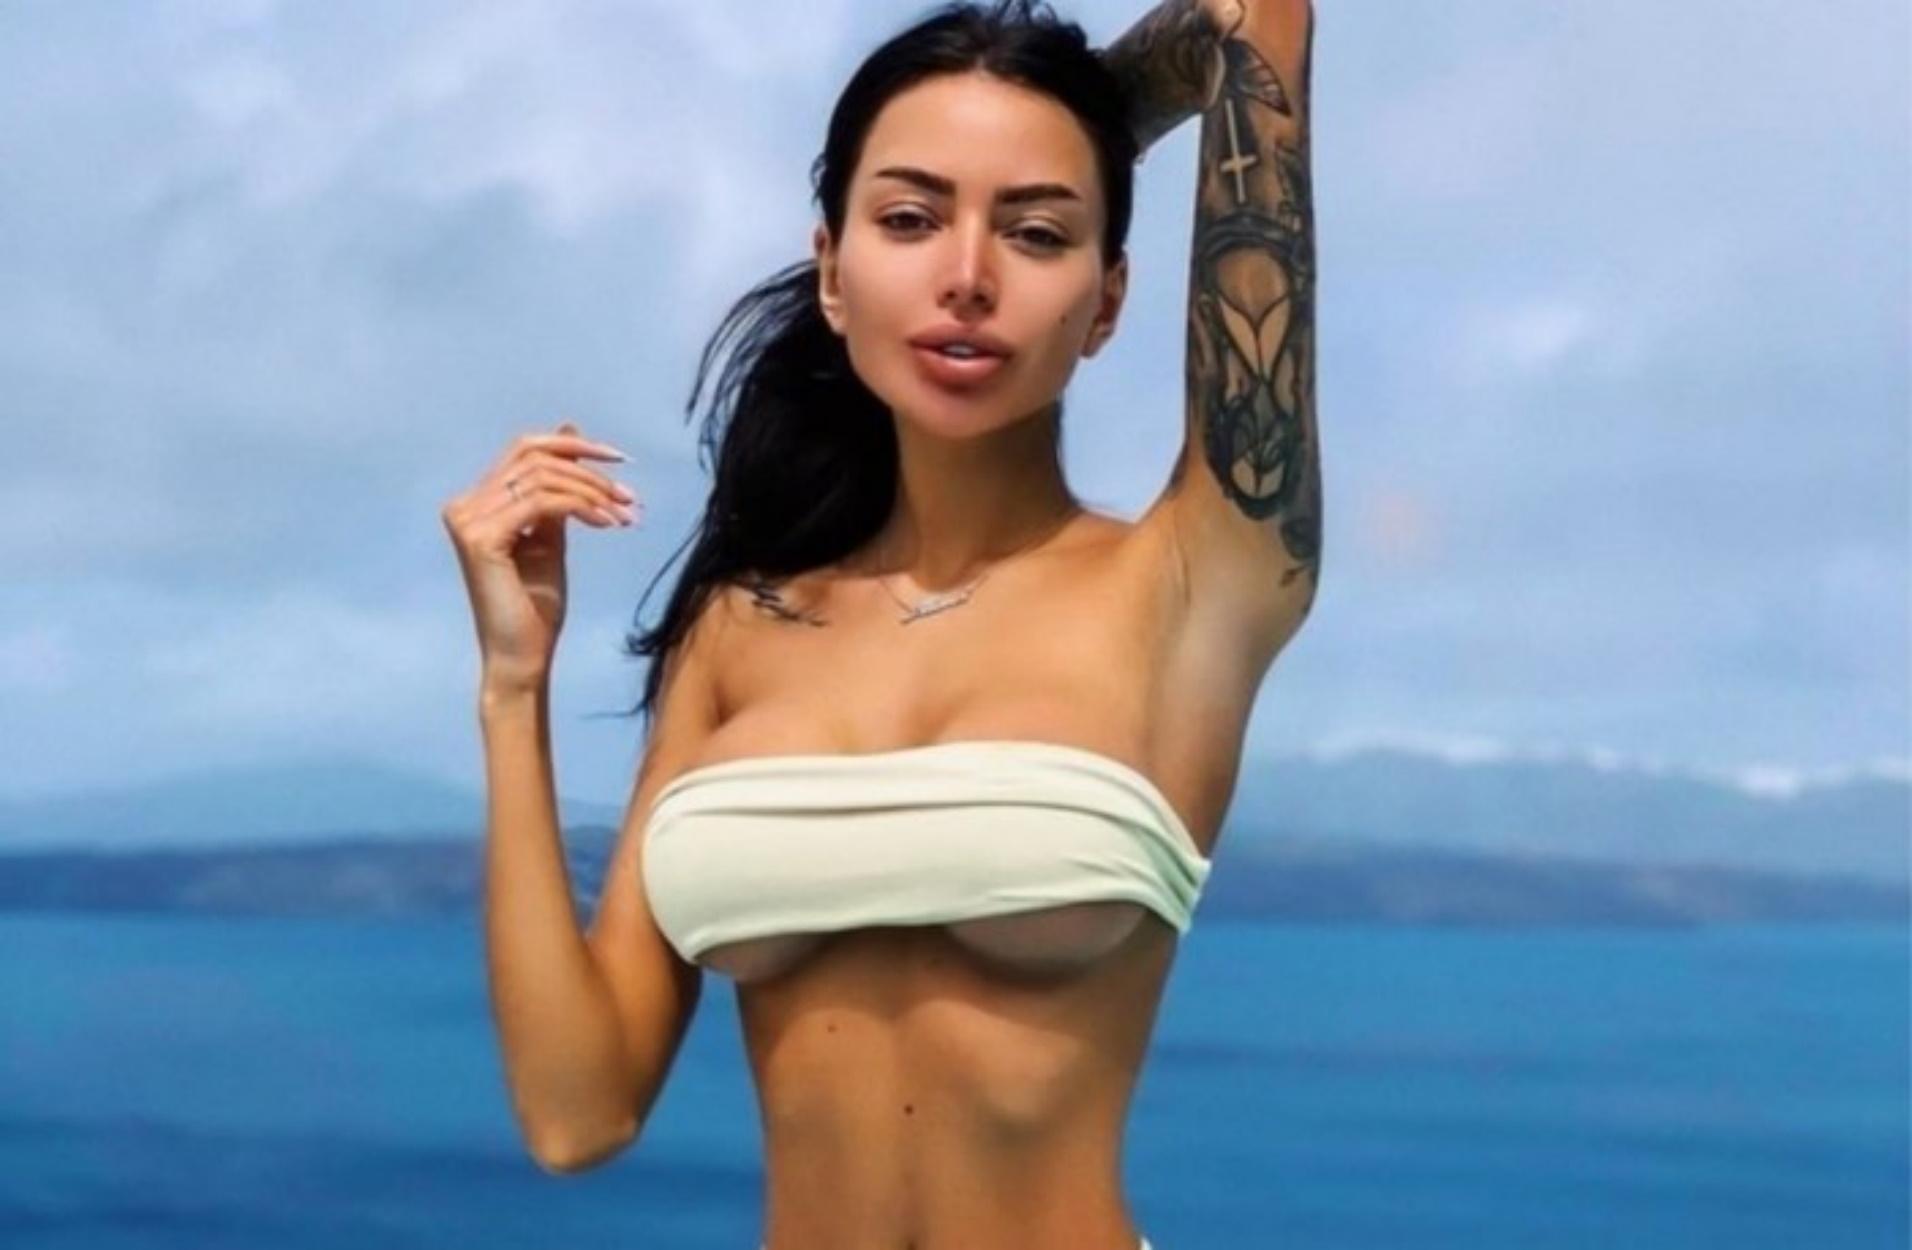 Δείτε γιατί η Alena Omovych είναι το πιο σέξι κορίτσι στην Ουκρανία